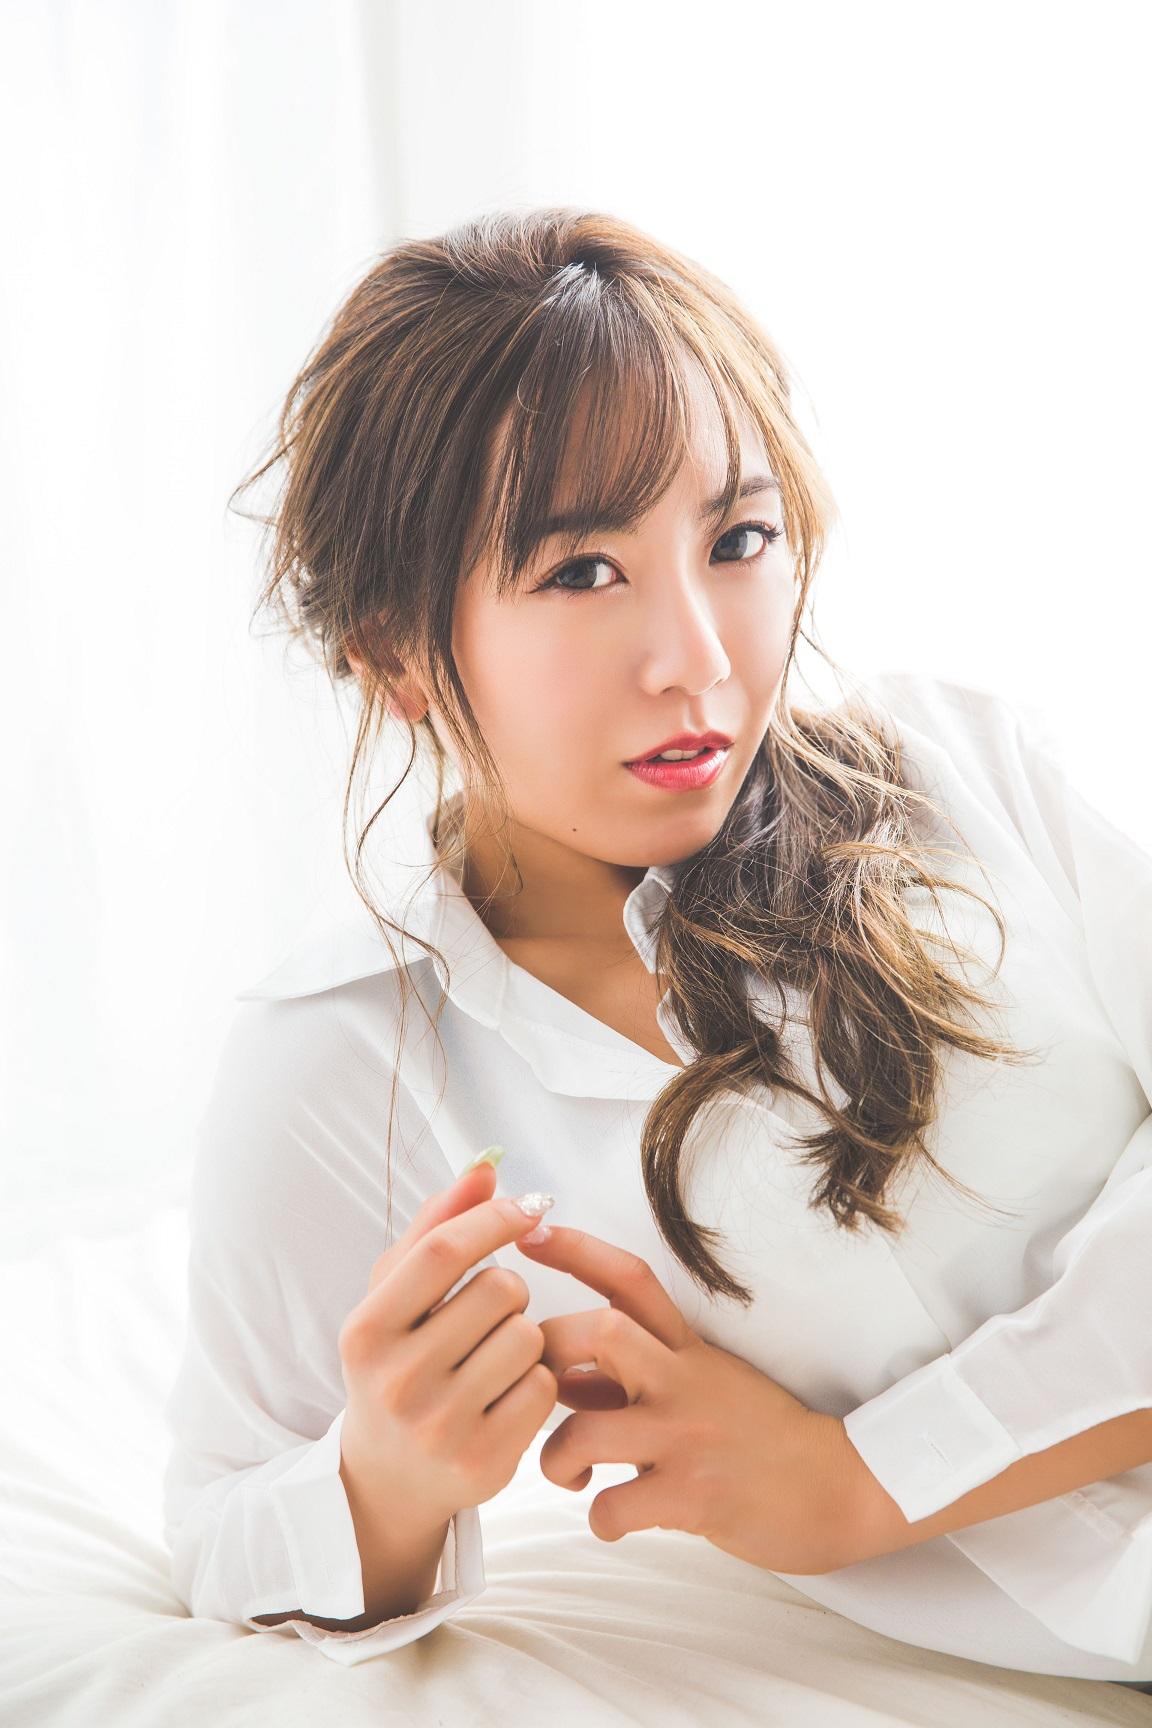 fujisaki_miyu_s_t_12